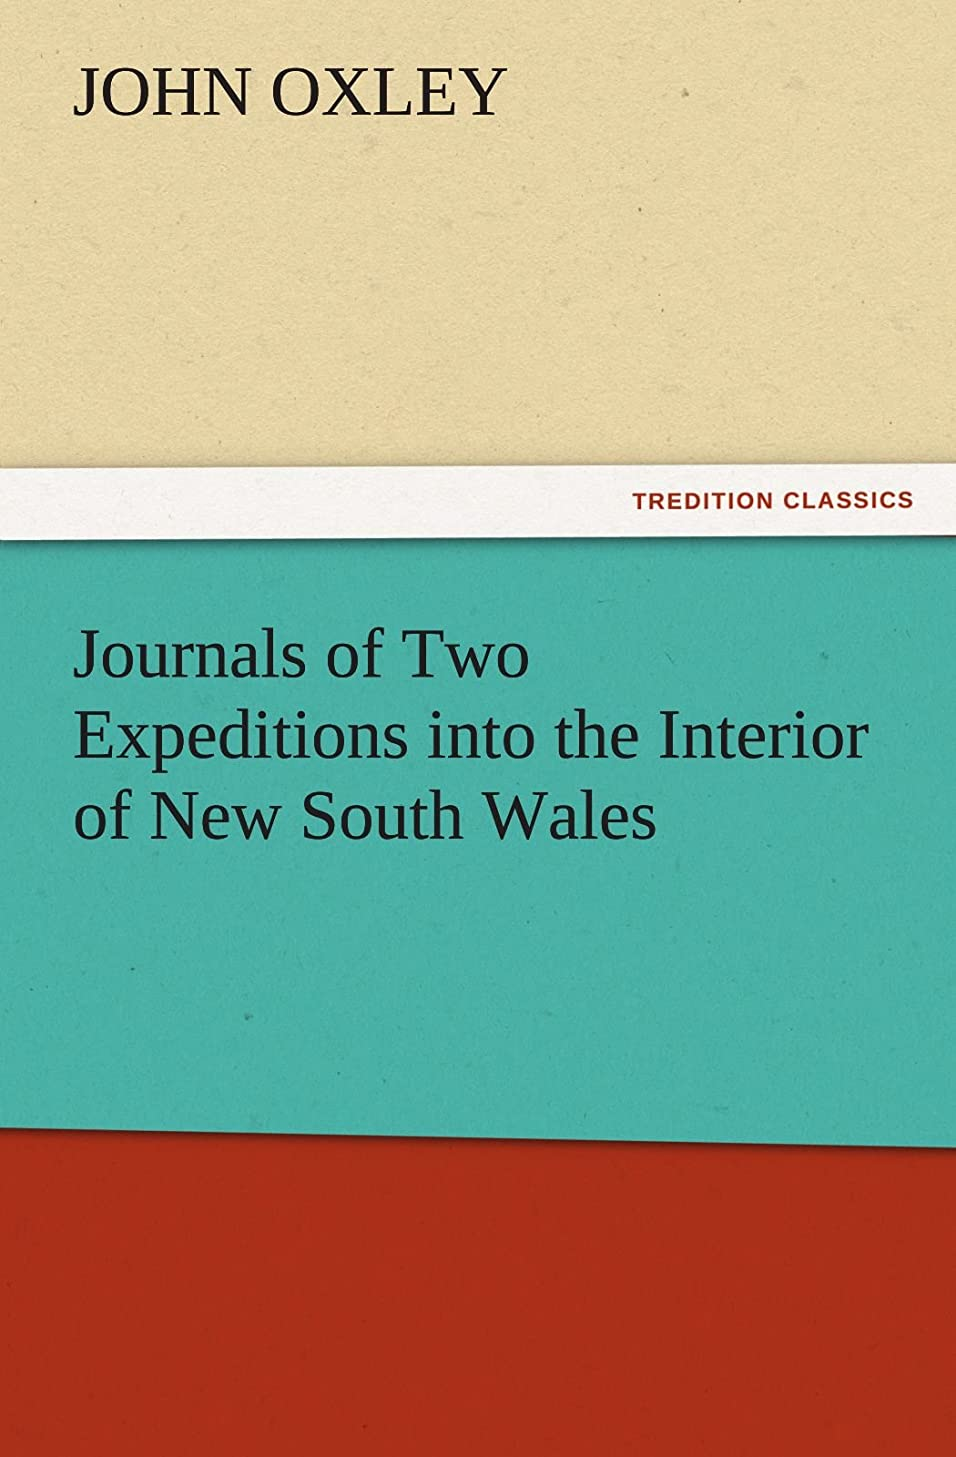 泣き叫ぶやさしくプロフィールJournals of Two Expeditions Into the Interior of New South Wales (TREDITION CLASSICS)